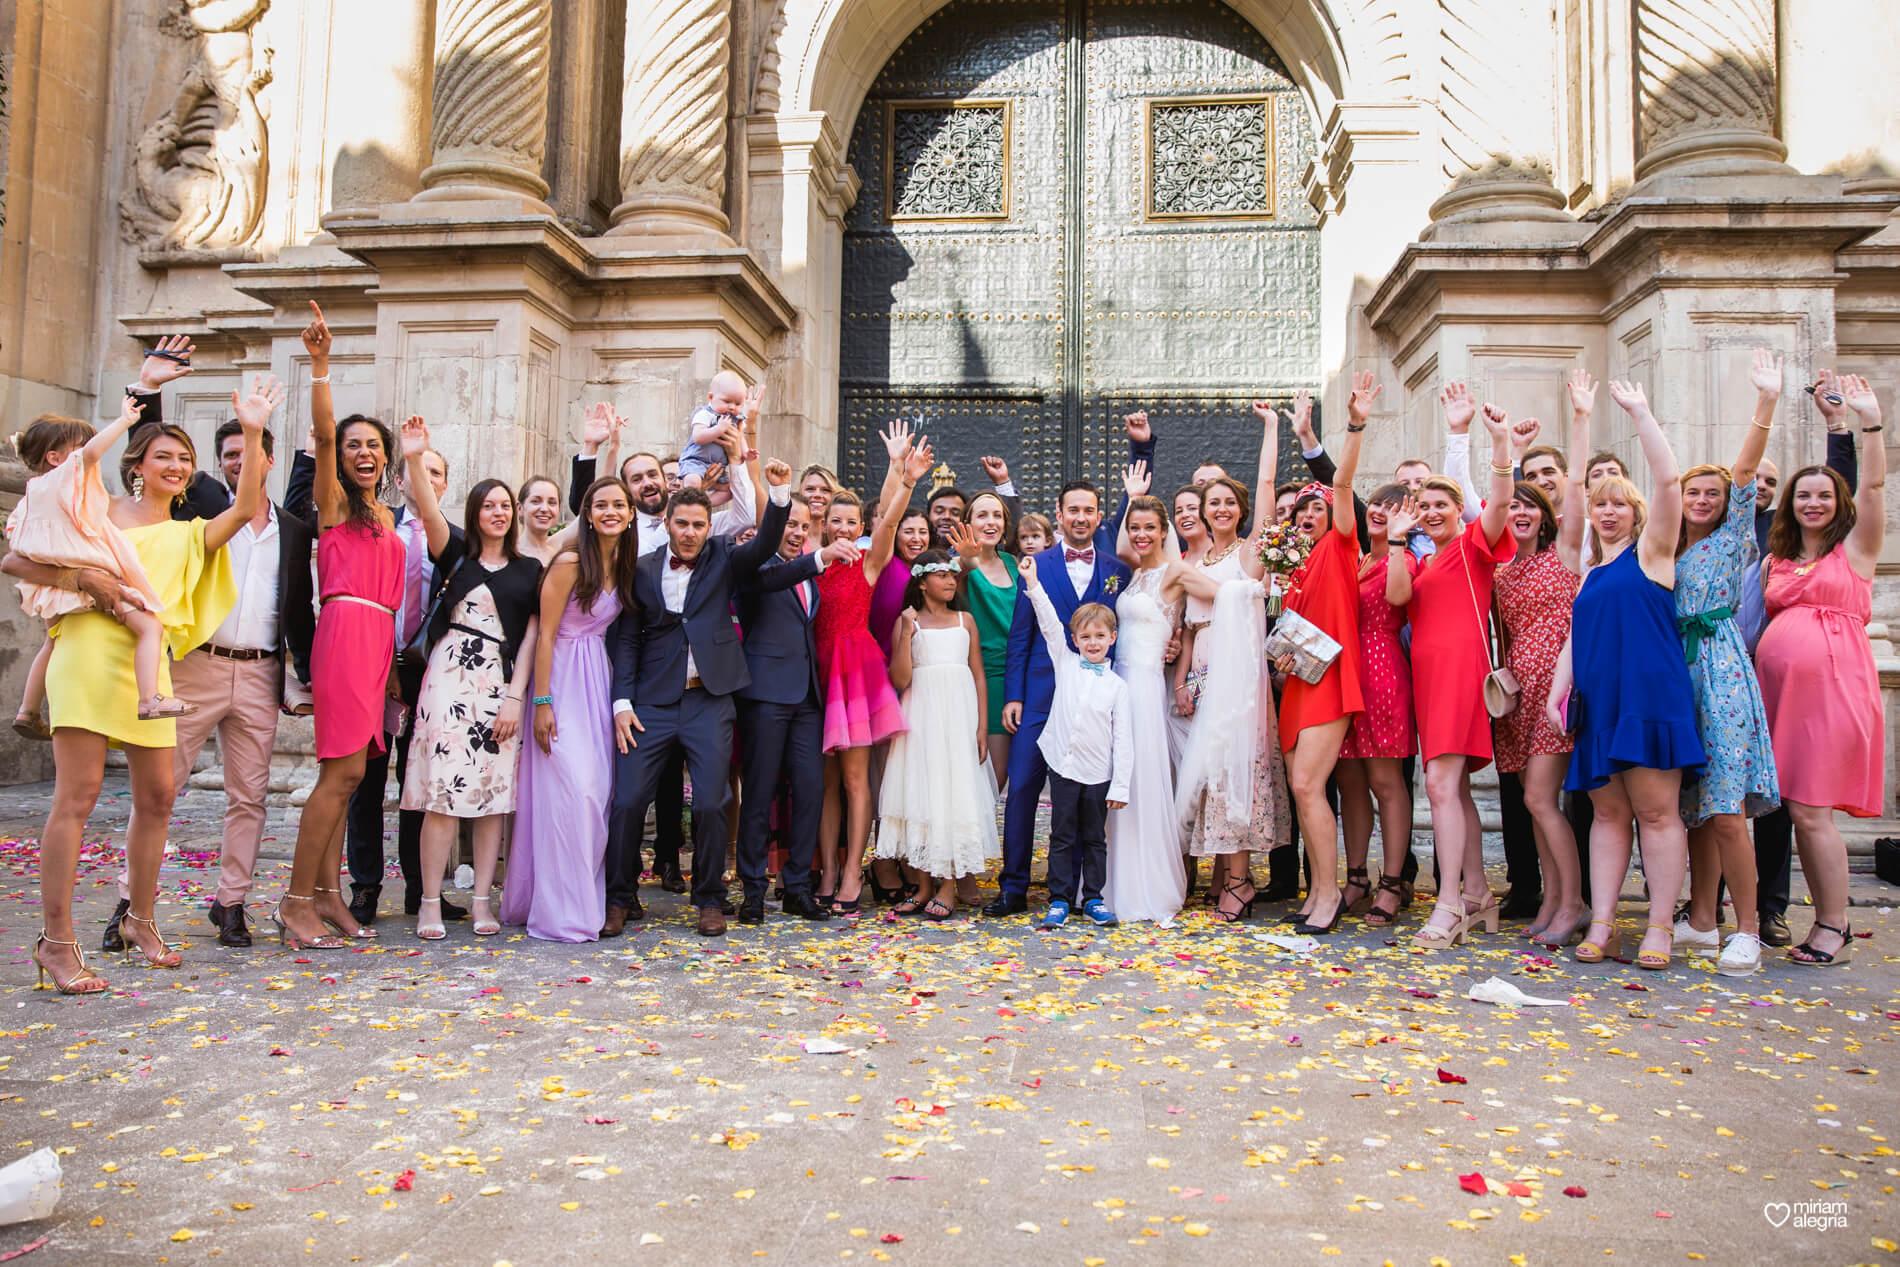 wedding-huerto-del-cura-elche-miriam-alegria-fotografos-boda-249